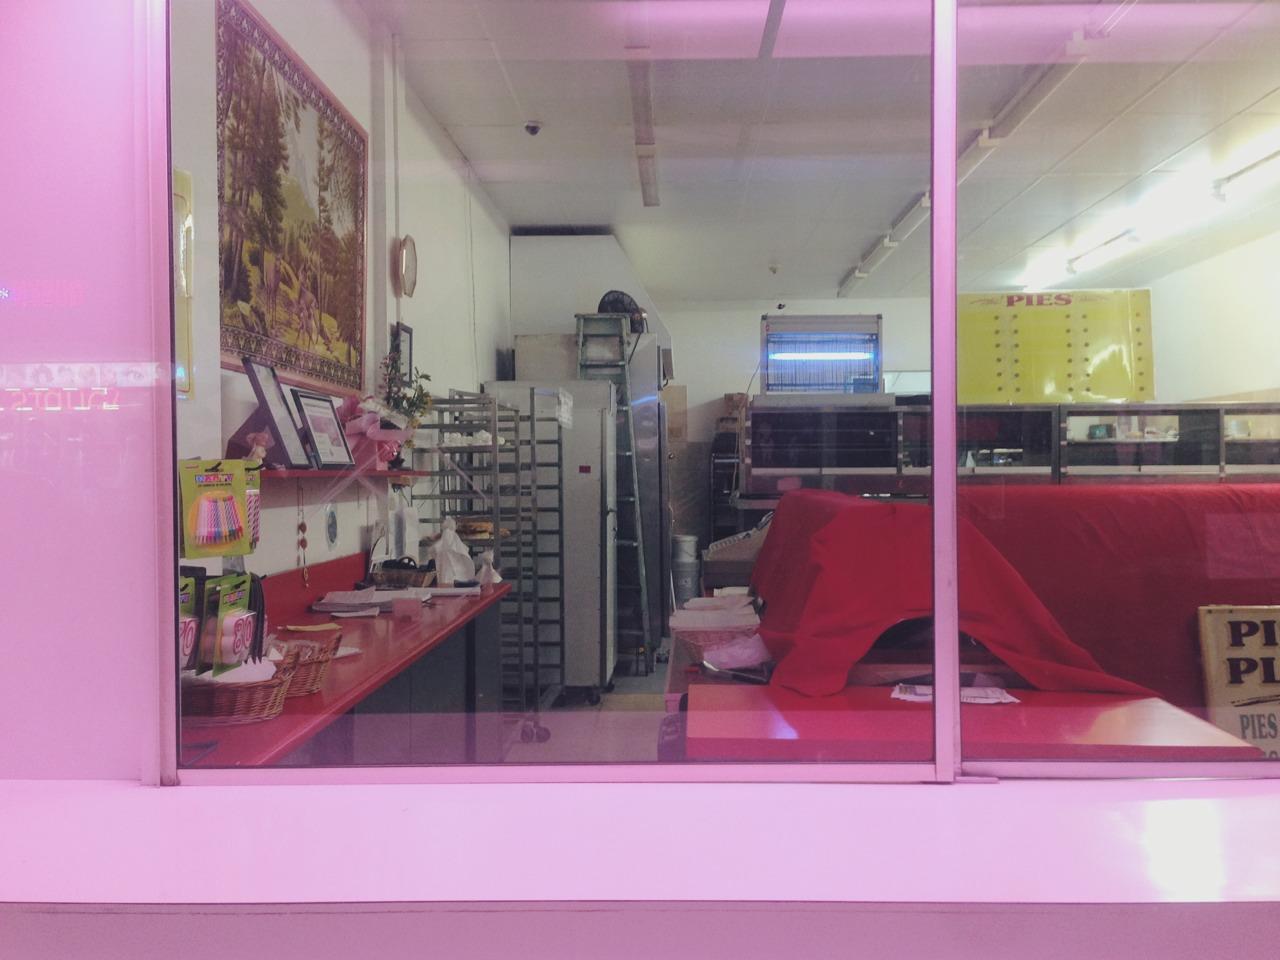 #shopfronts